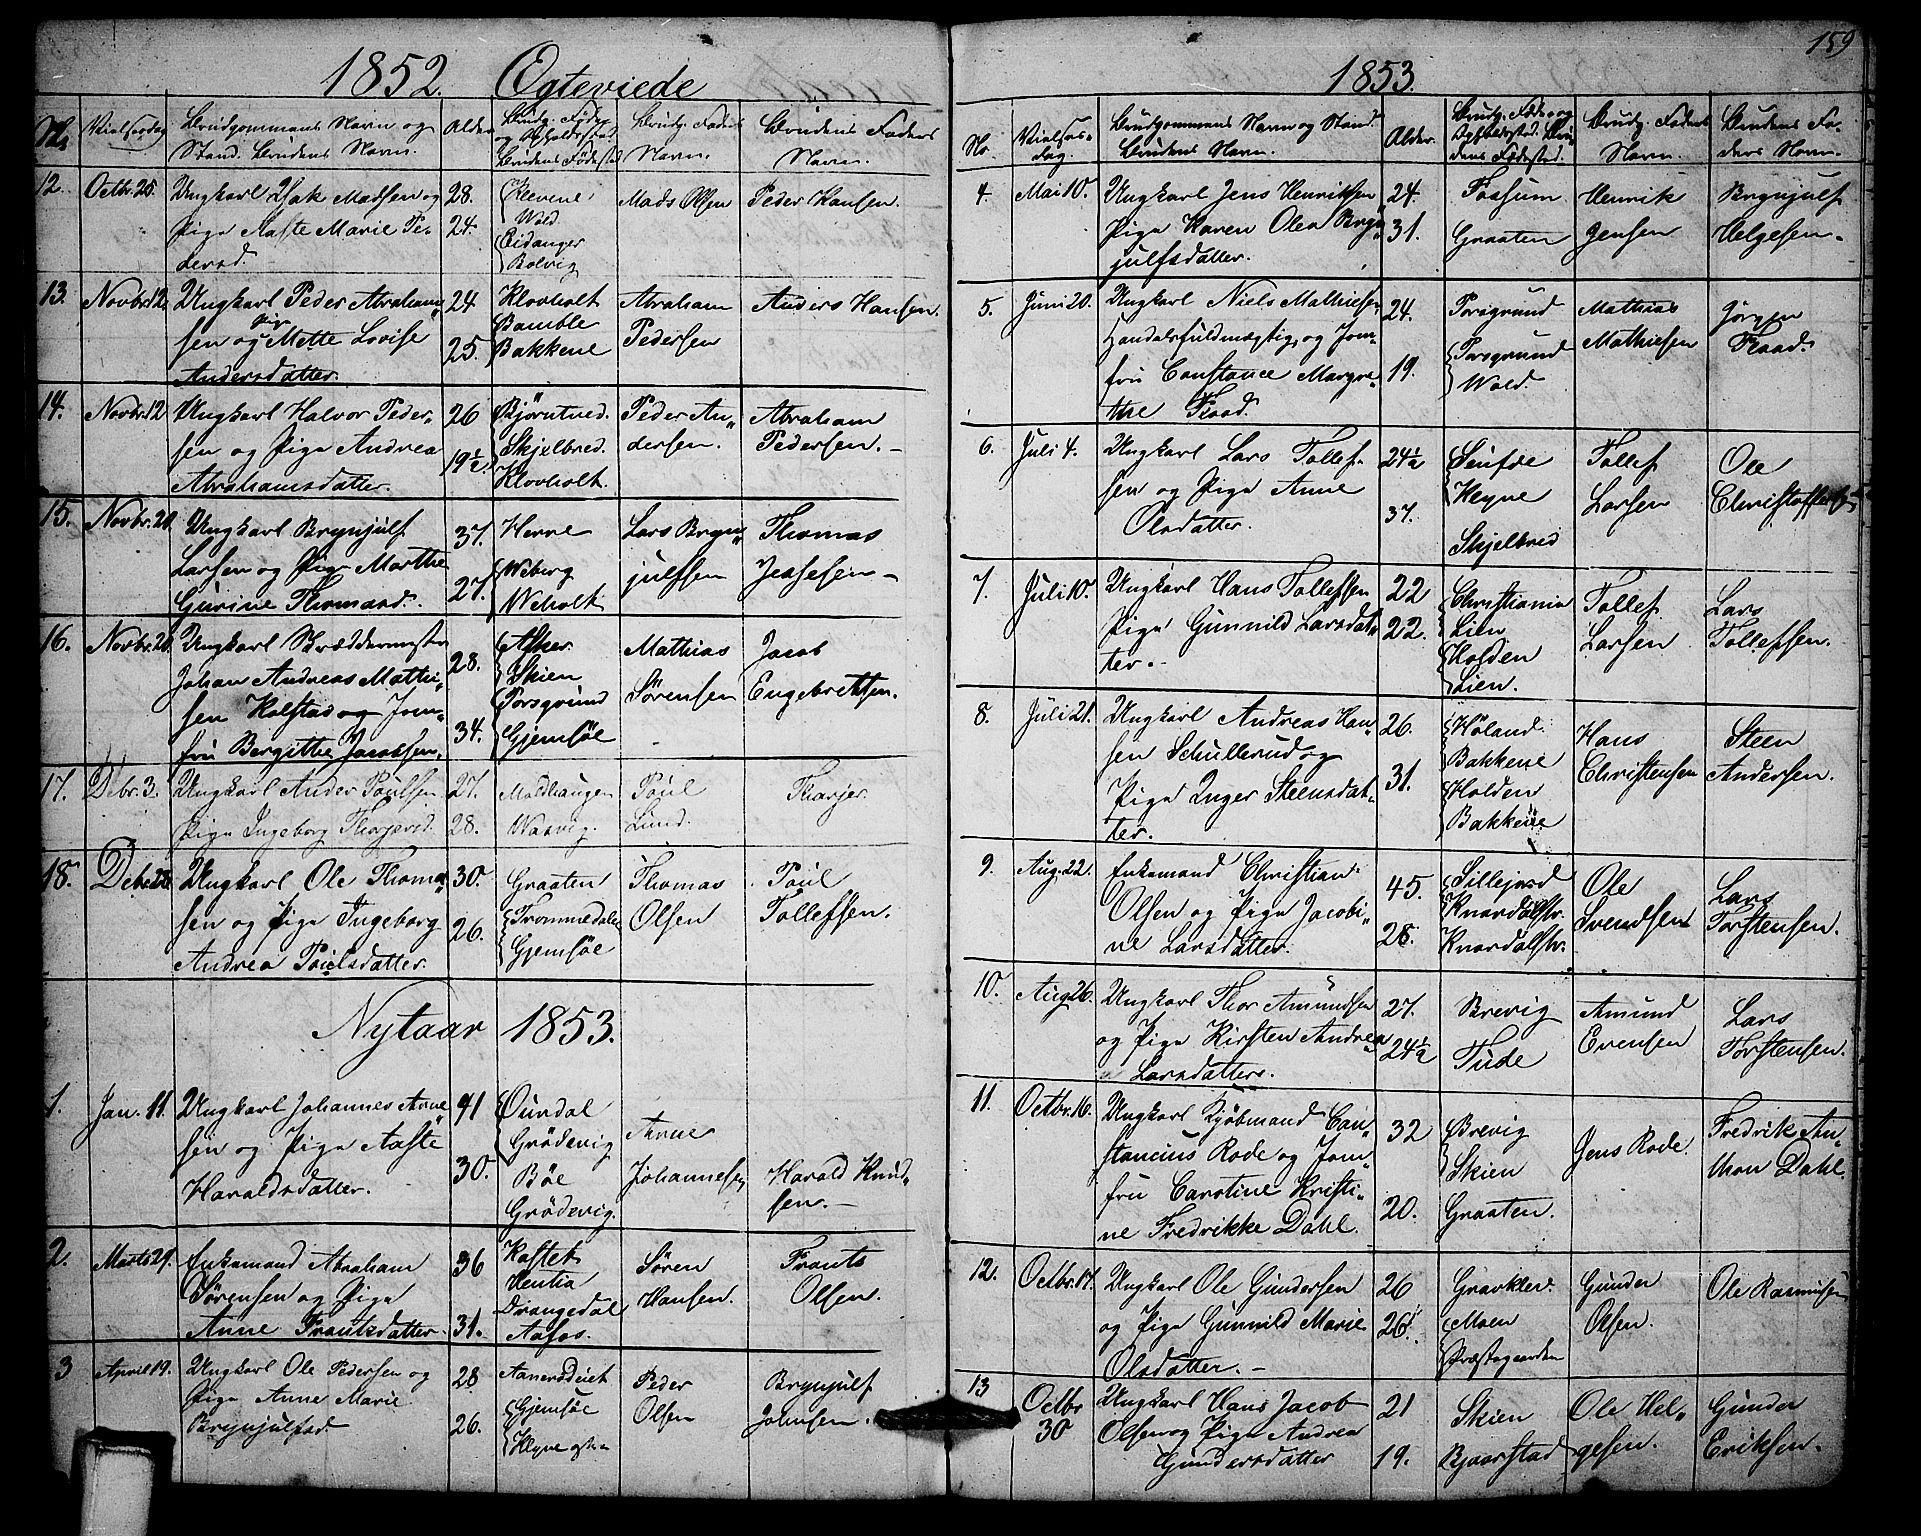 SAKO, Solum kirkebøker, G/Ga/L0003: Klokkerbok nr. I 3, 1848-1859, s. 159